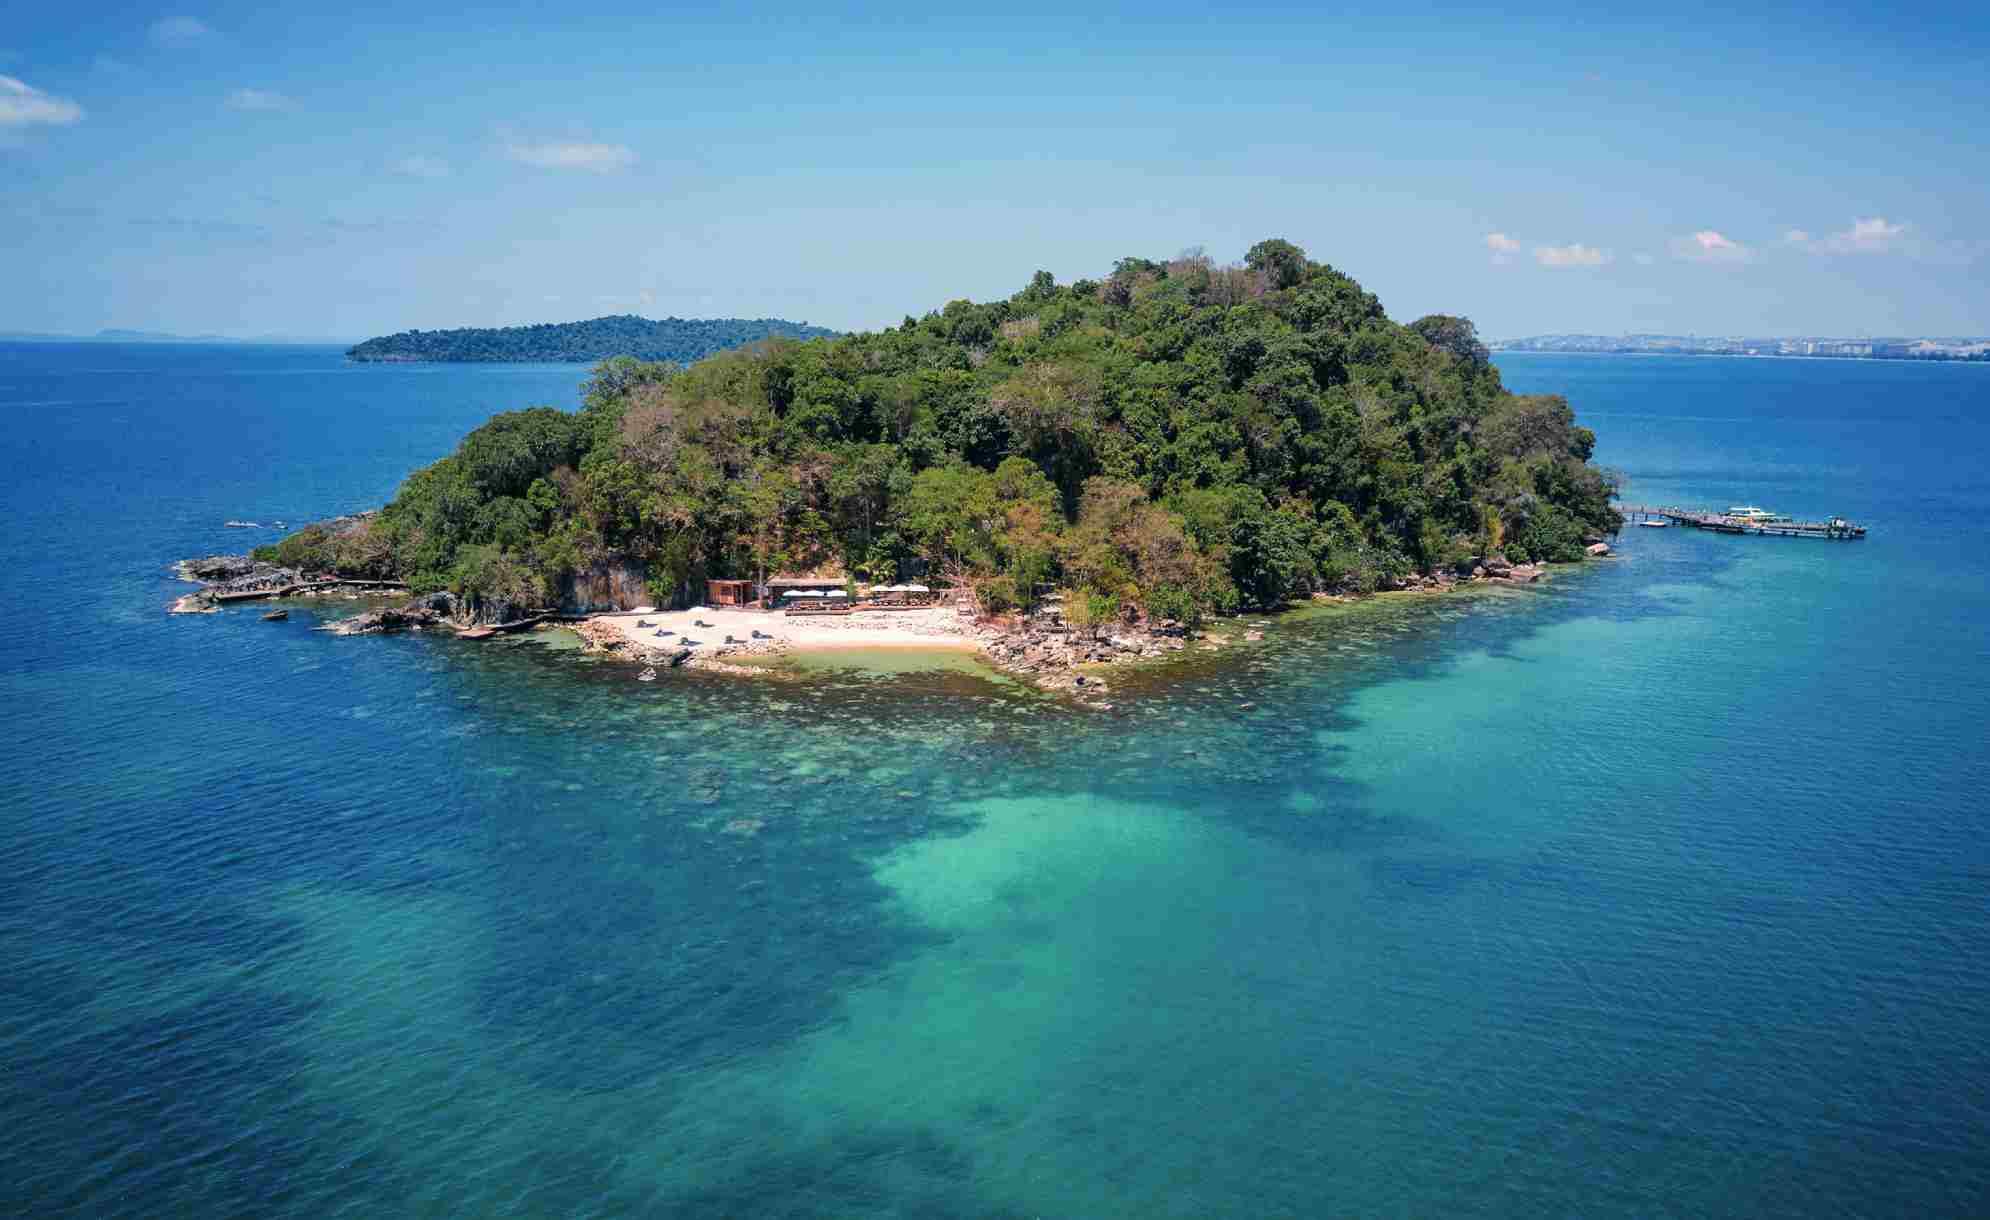 Krabey Island, Cambodia